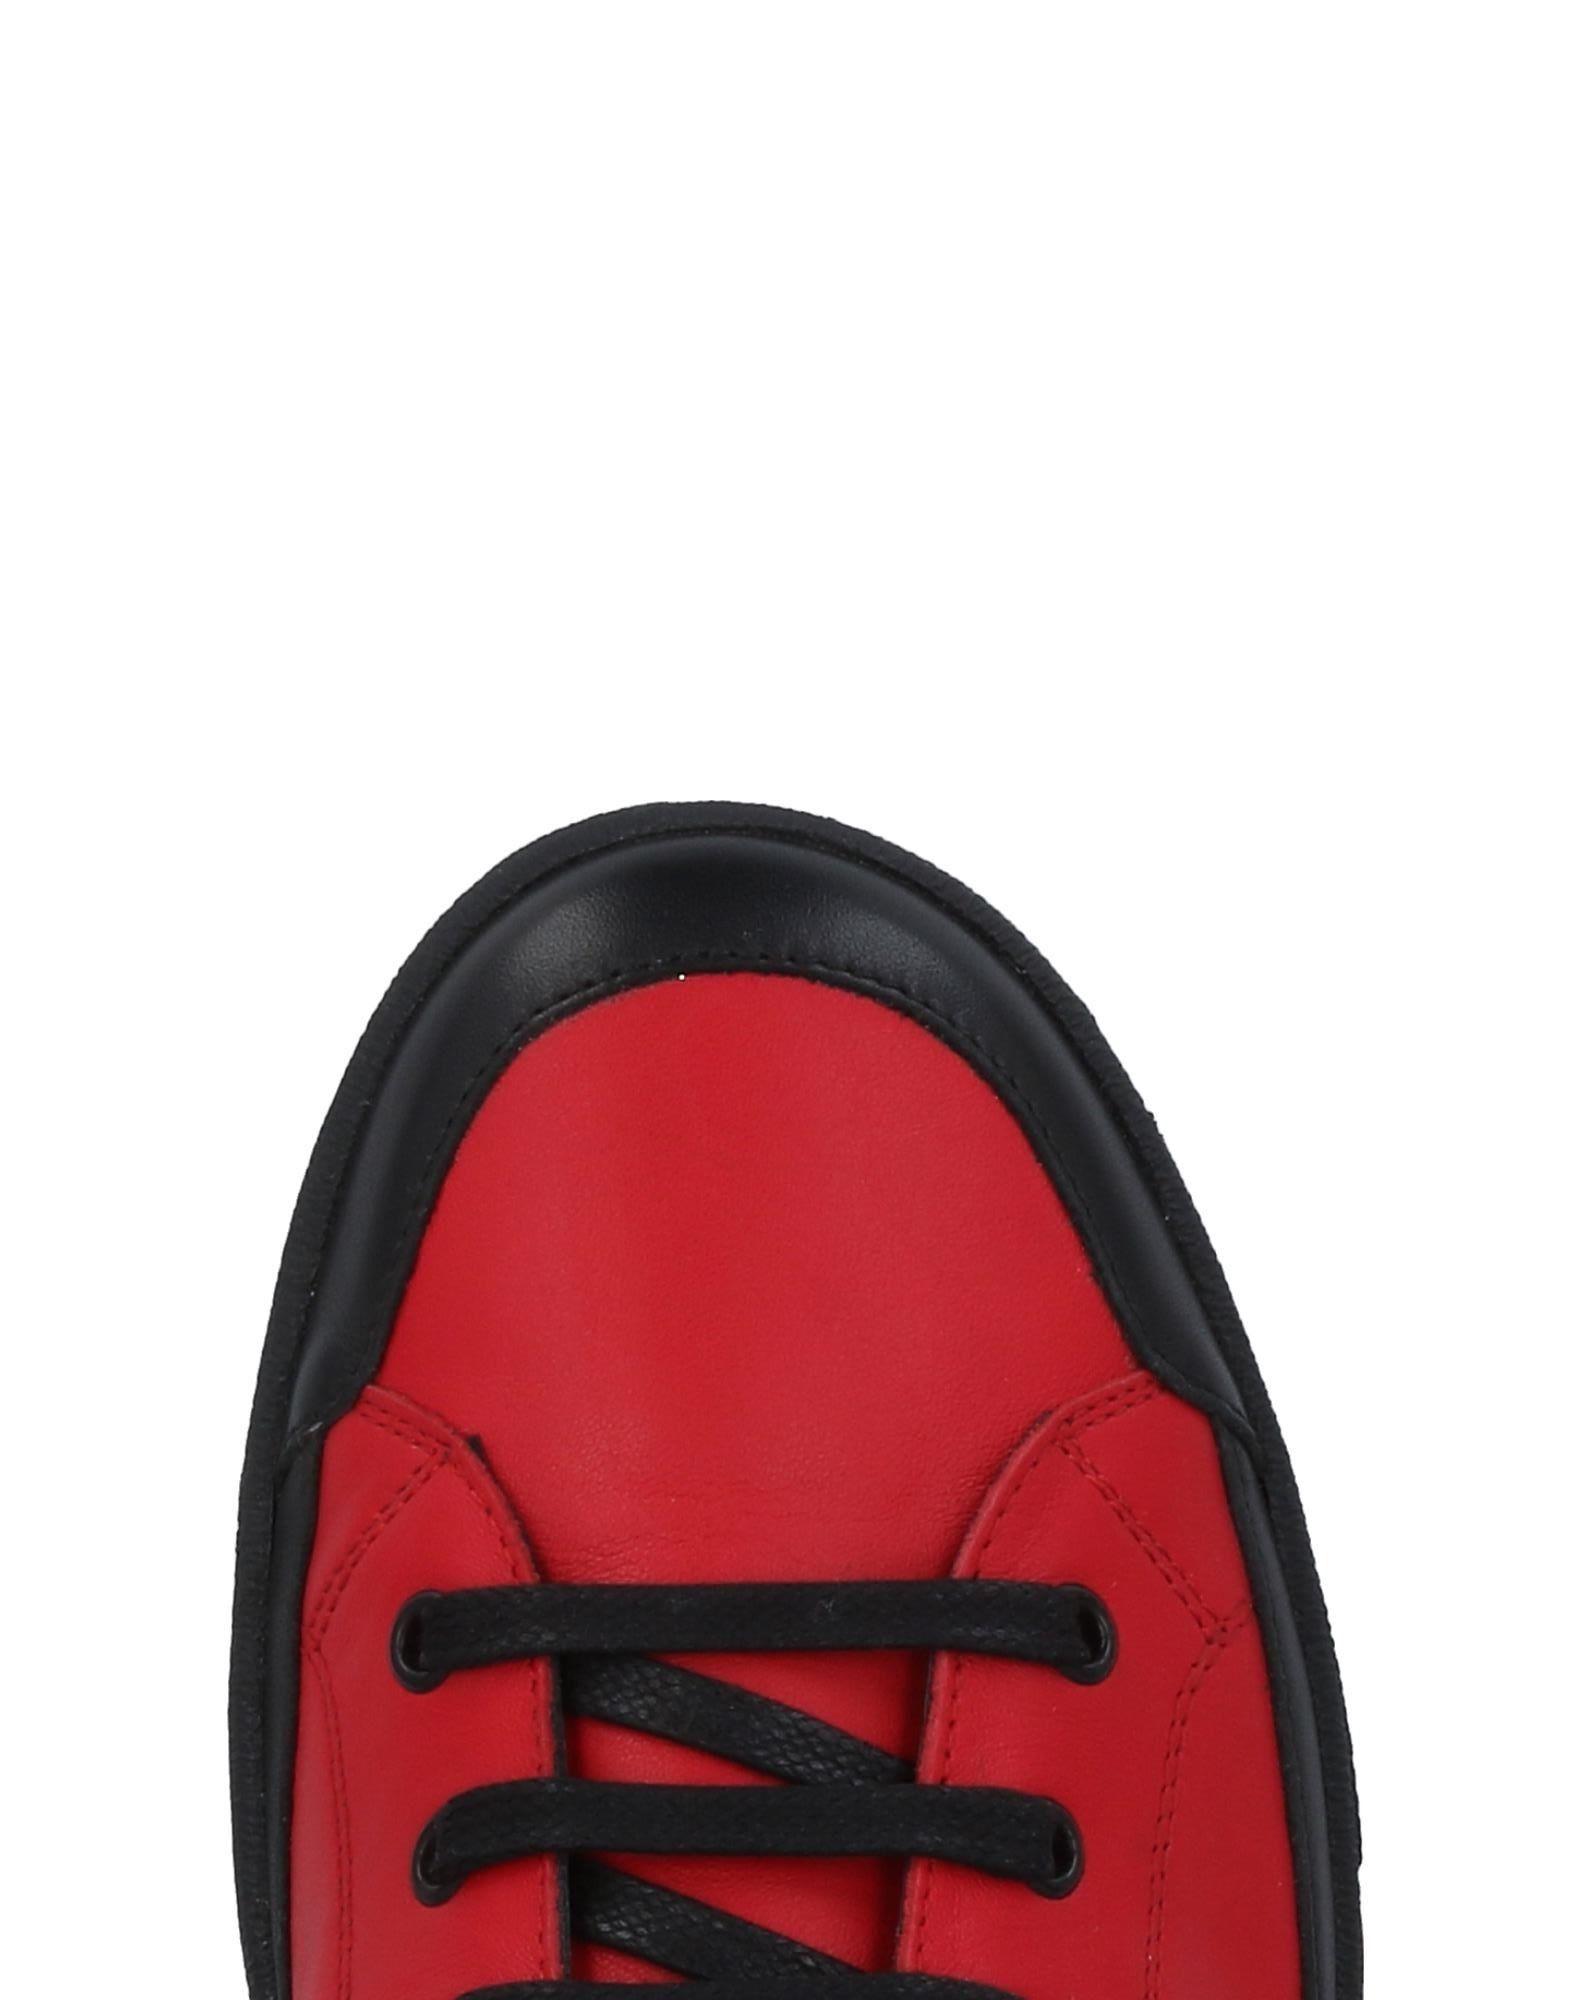 11493221VU Moschino Sneakers Herren  11493221VU  4fcfbe